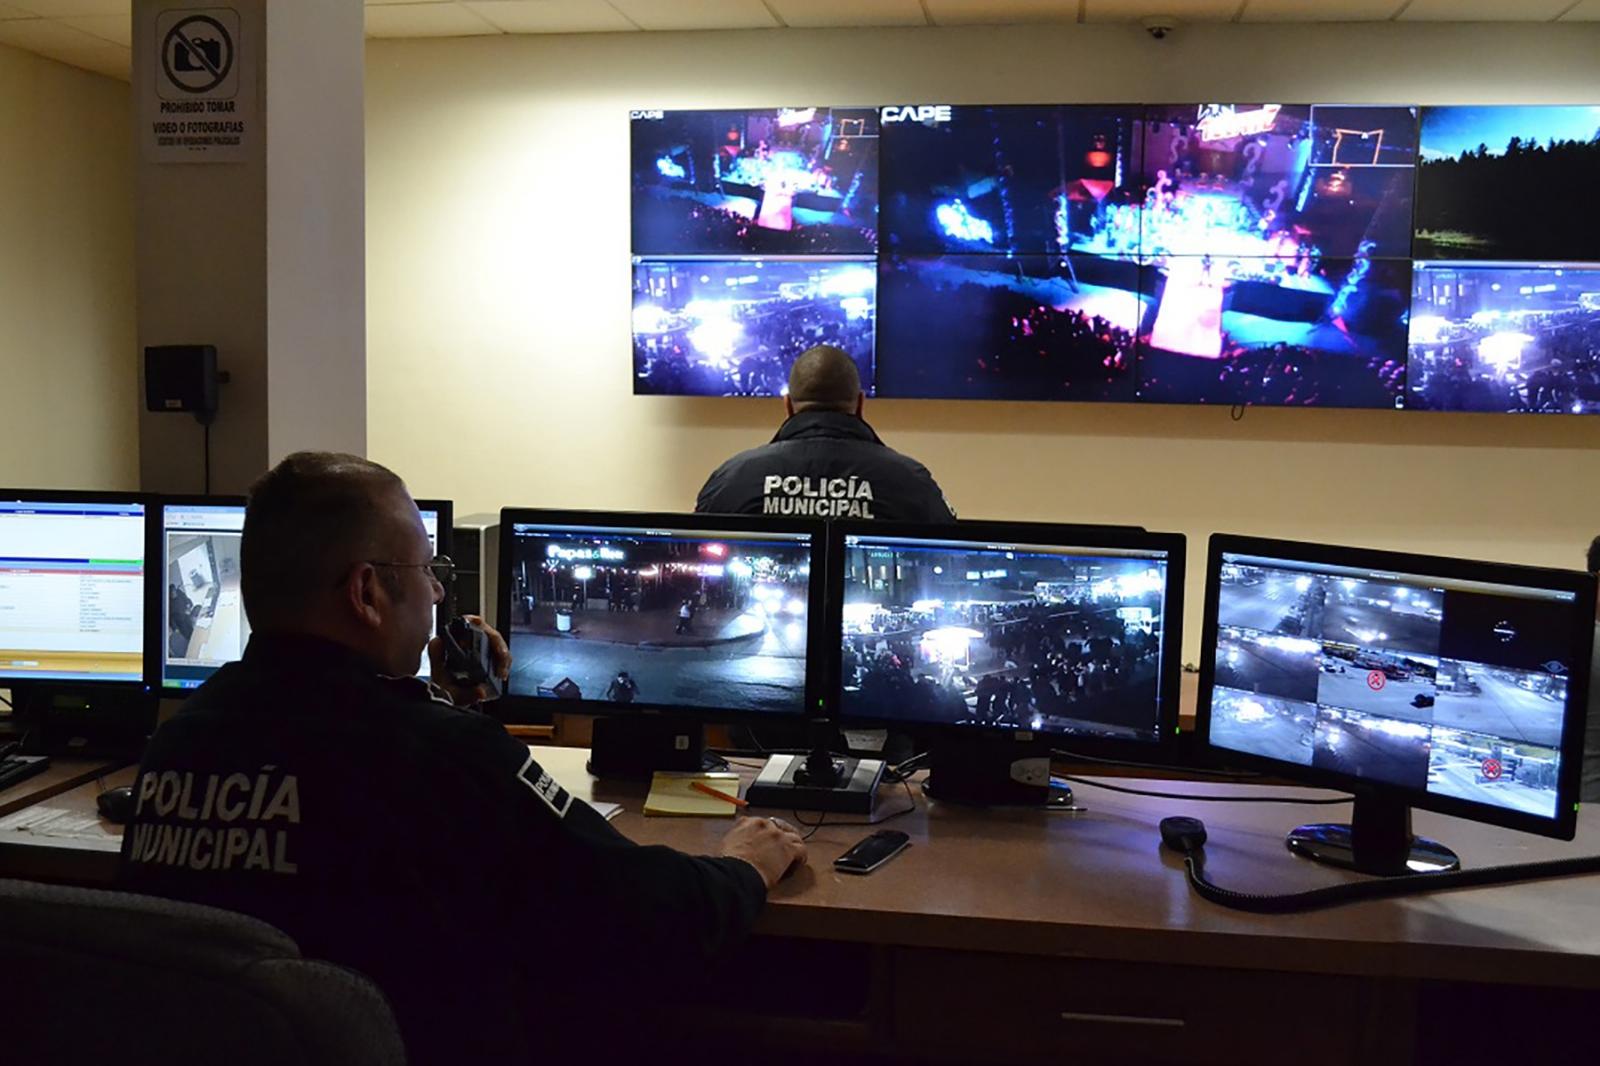 Reforzarán seguridad con patrullas nuevas - El Vigía